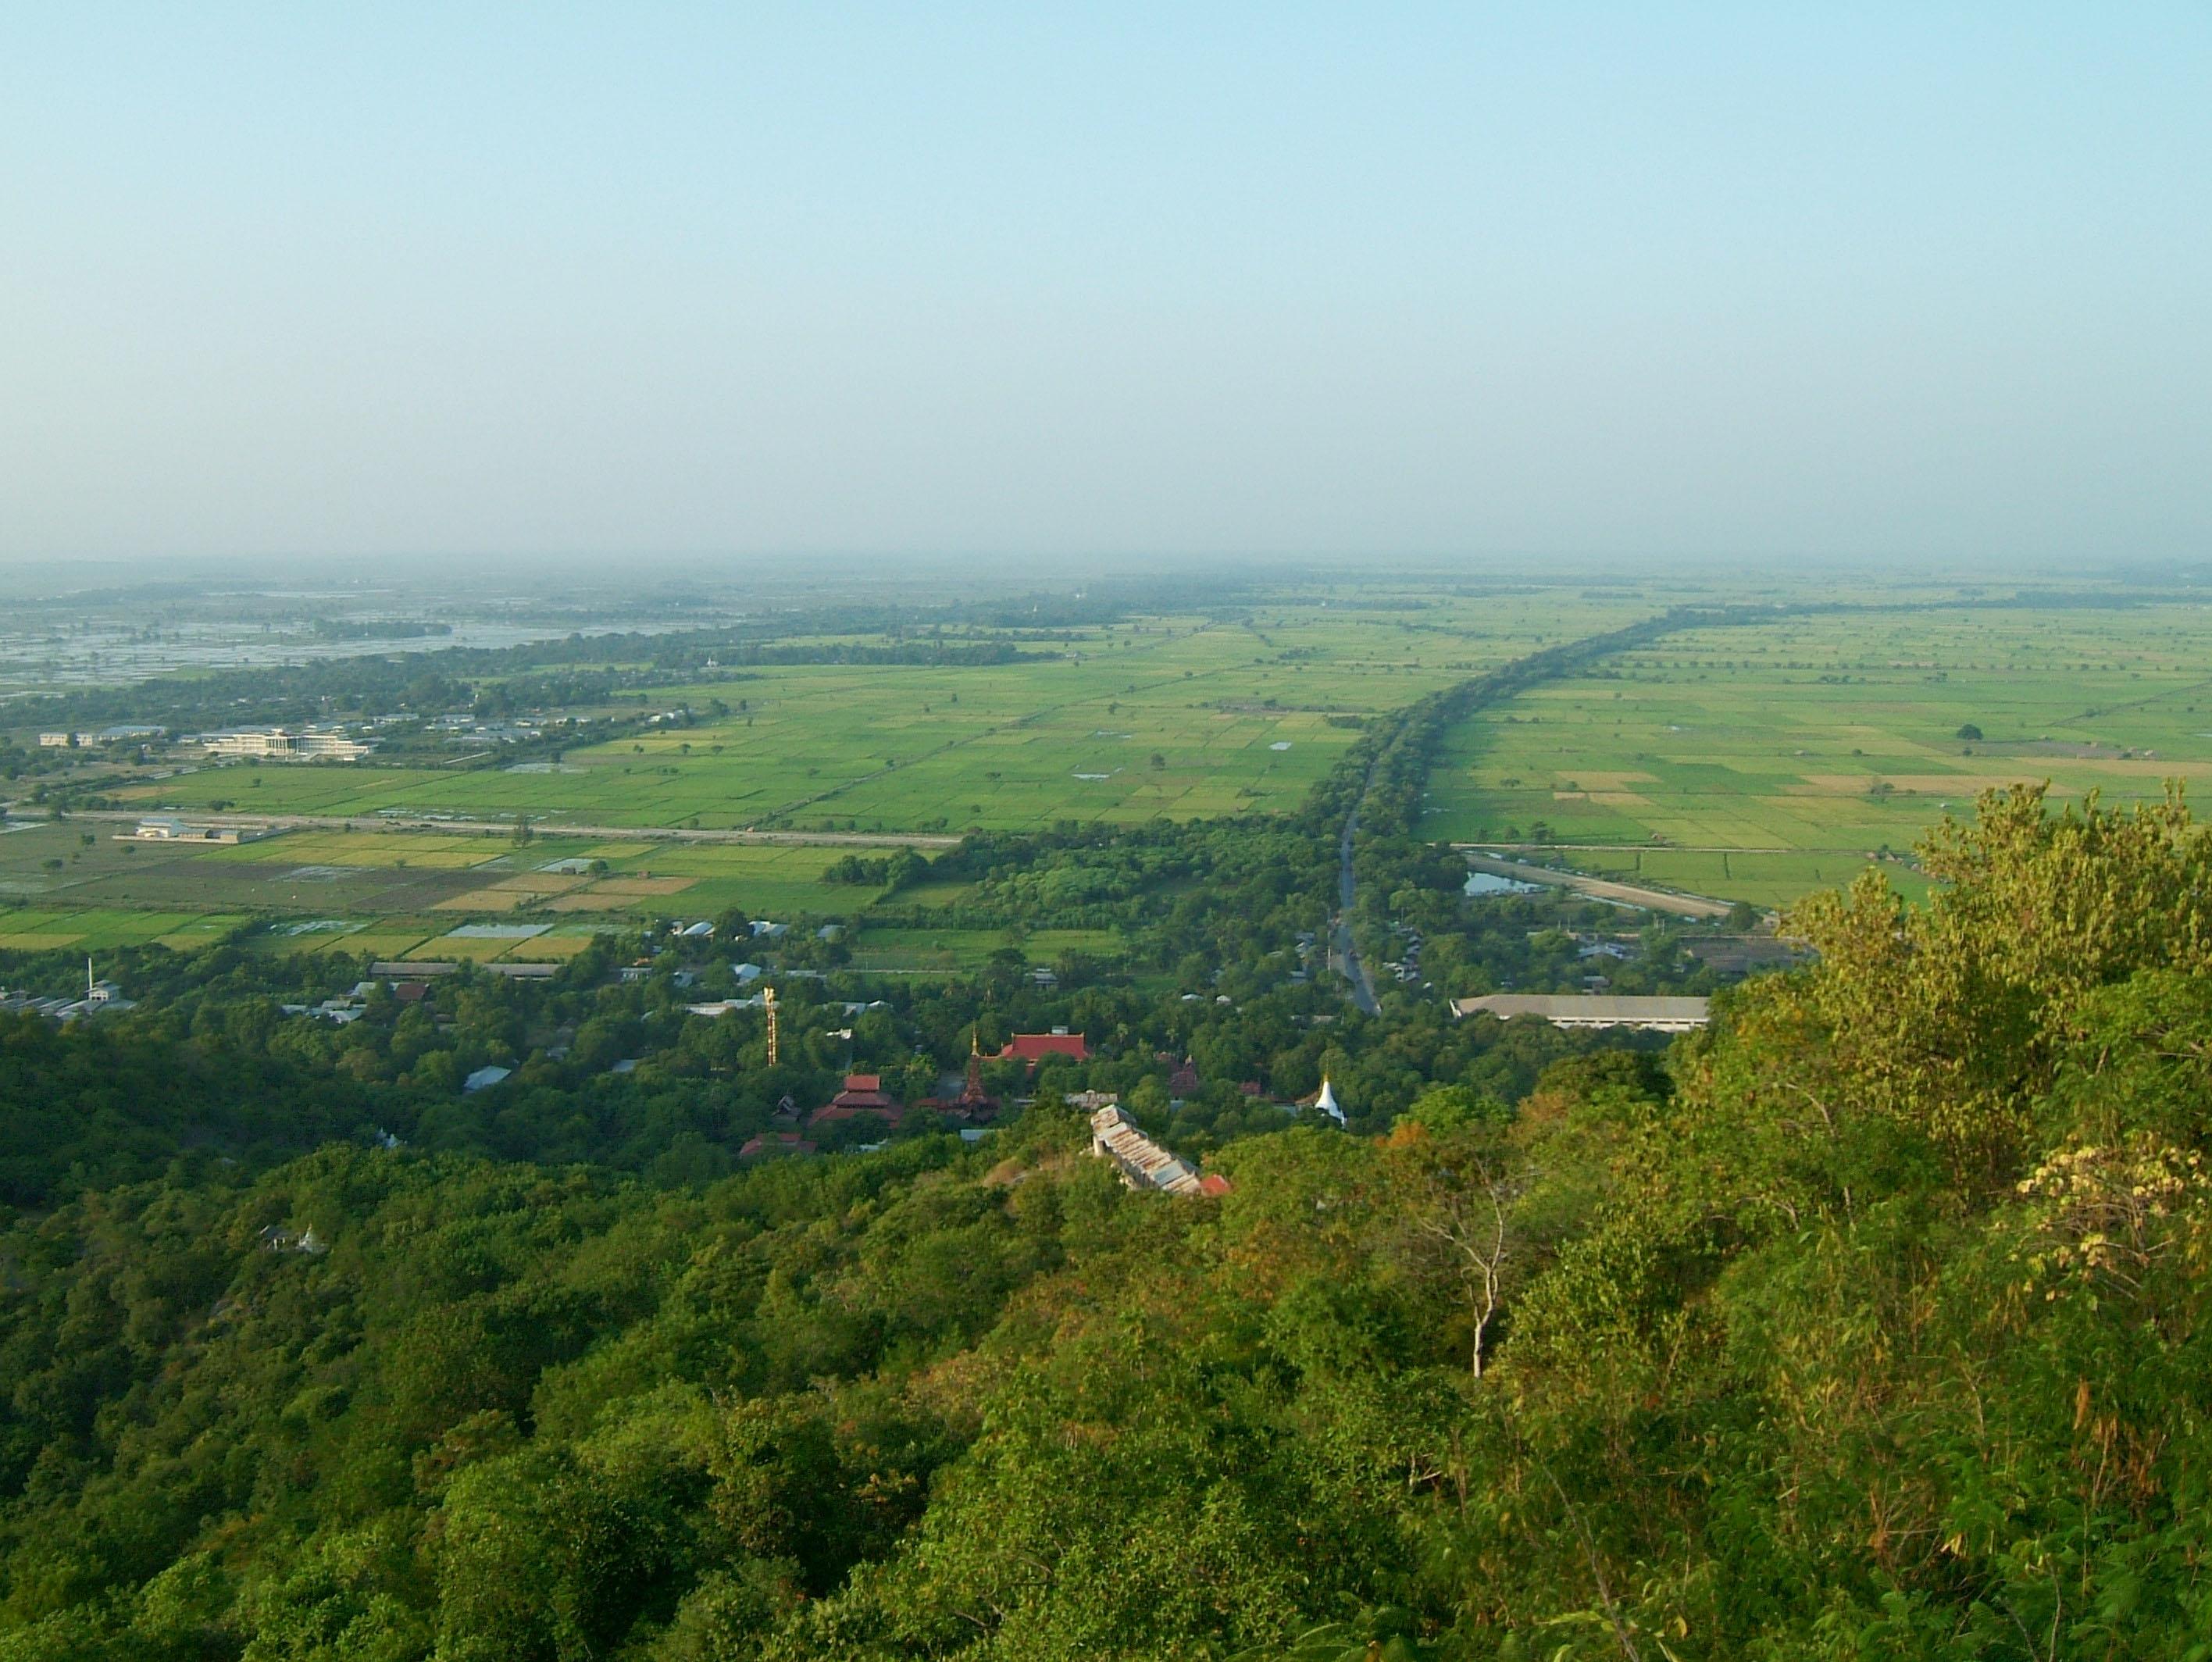 Mandalay Hill Sutaungpyei Pagoda panoramic views Dec 2000 25